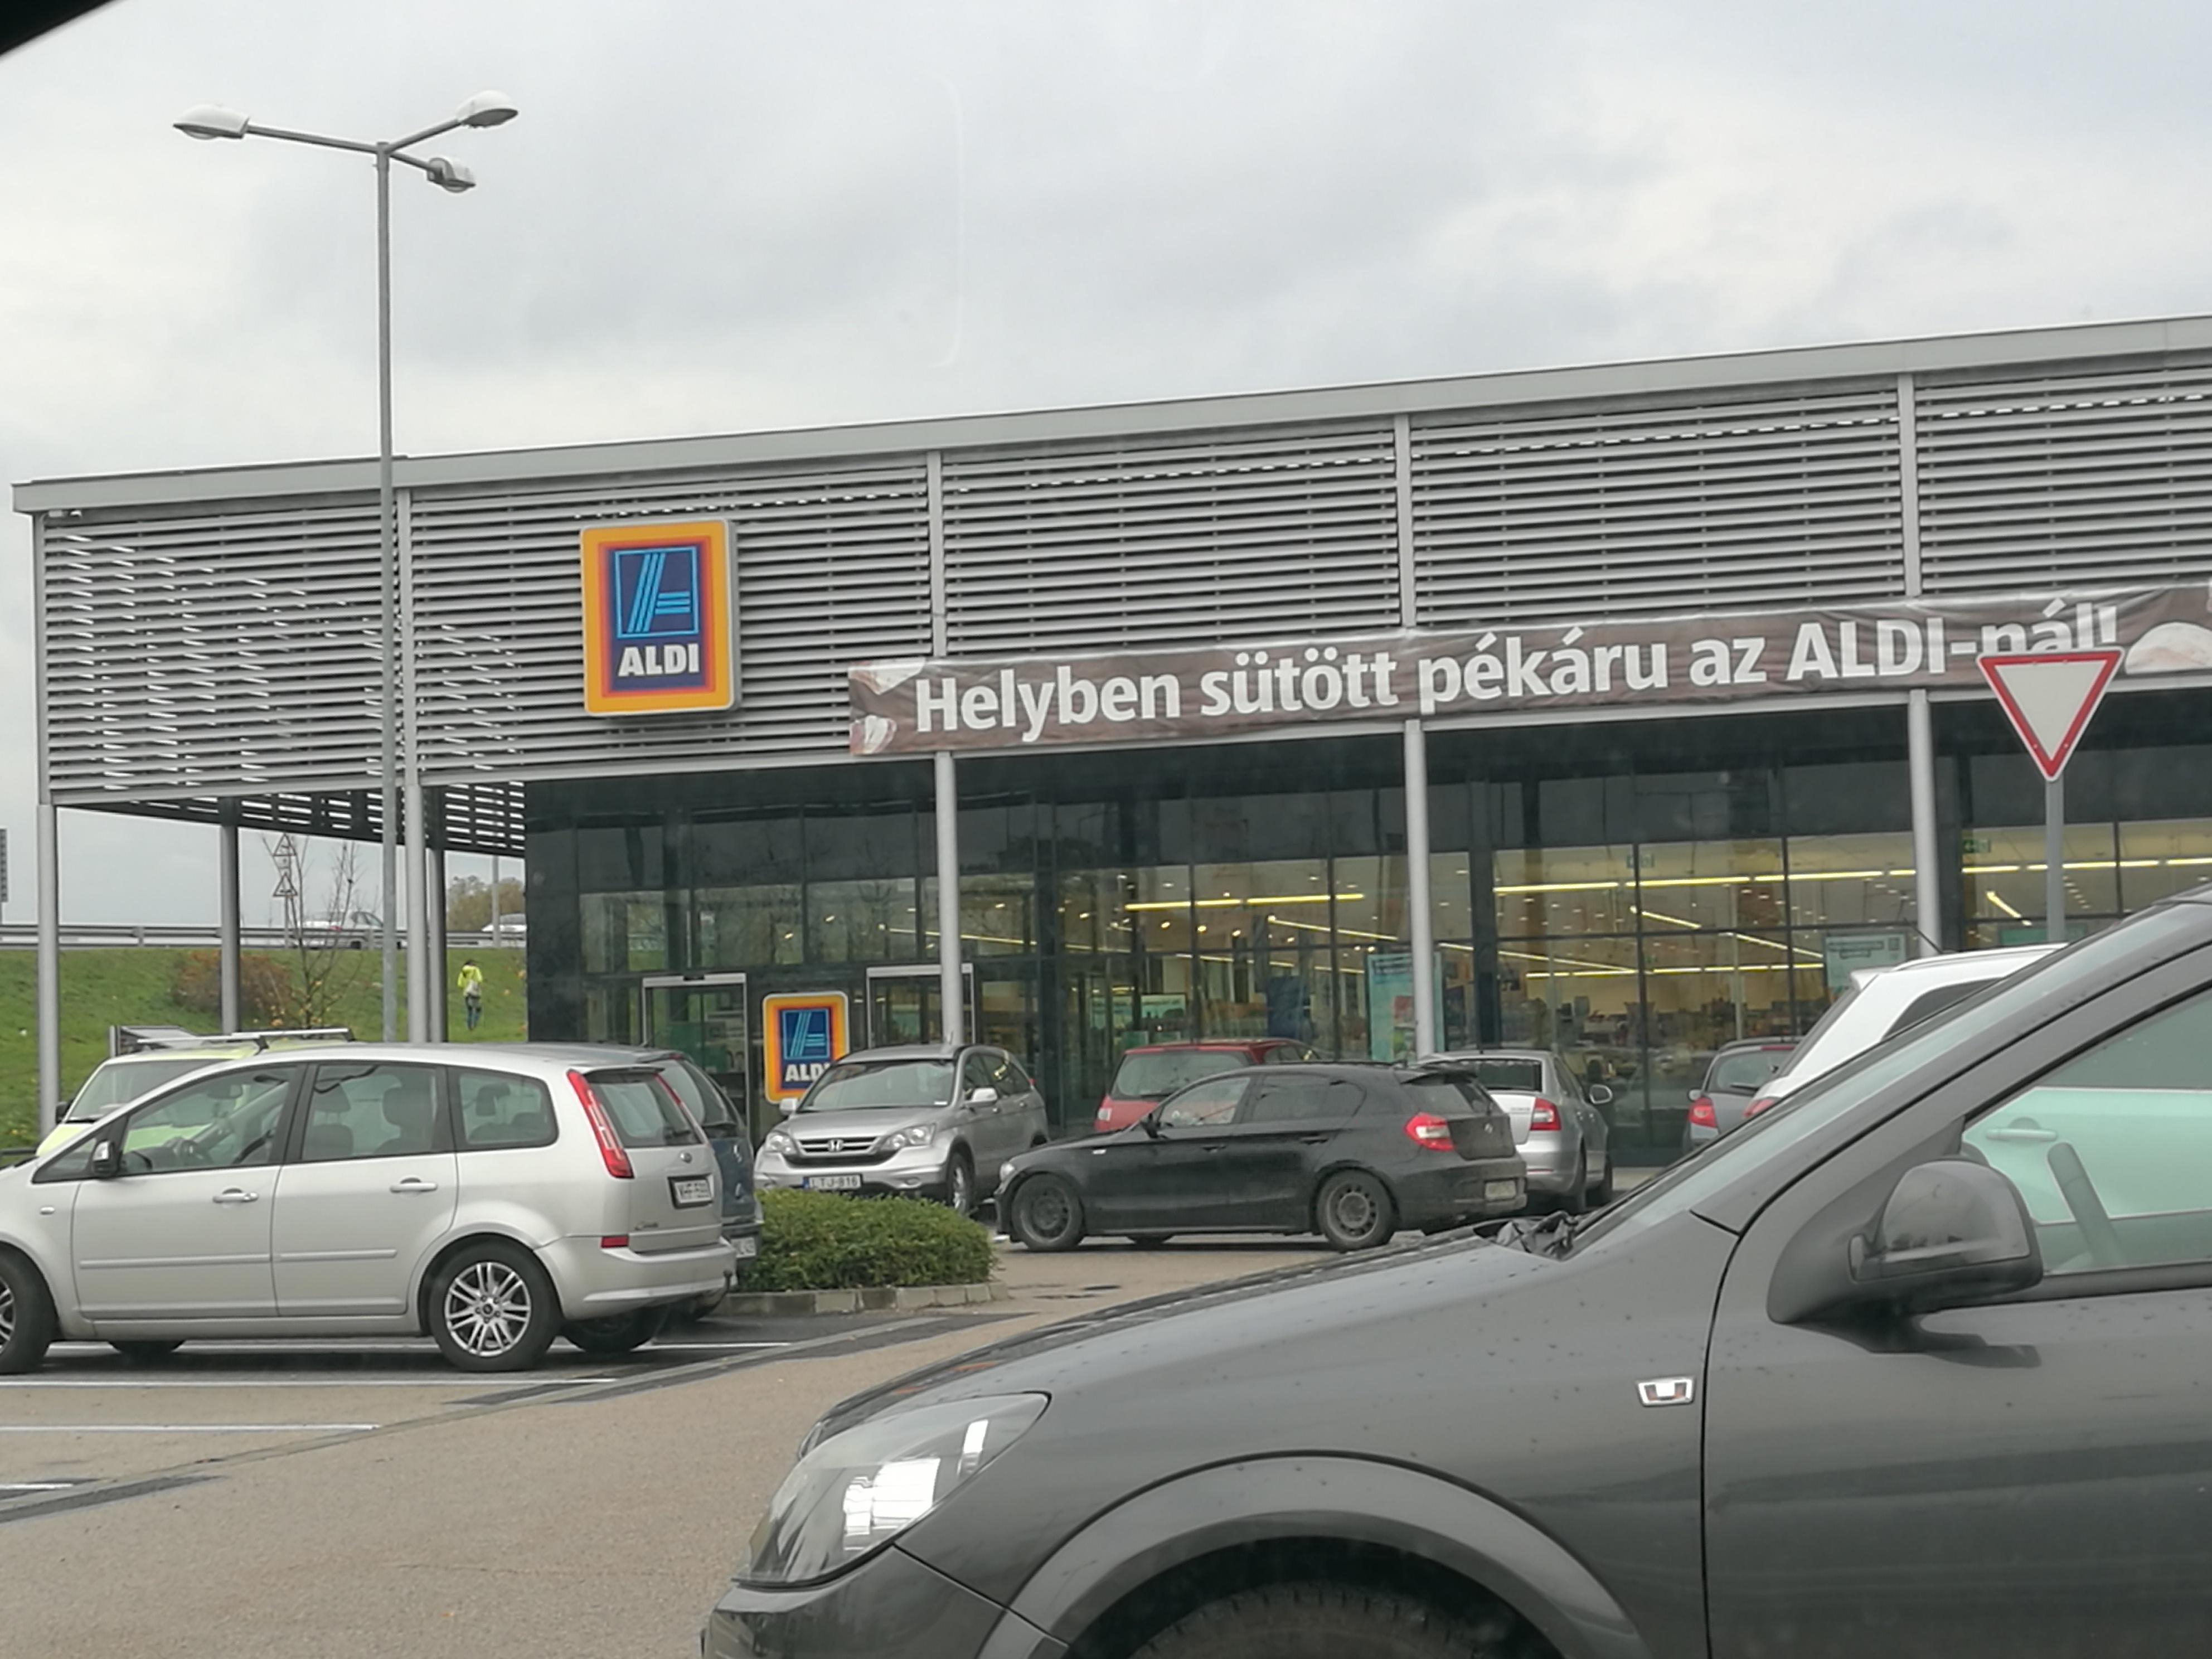 Auto Kühlschrank Aldi : Tanktipp für ungarn bald bei aldi günstig tanken touristiknews